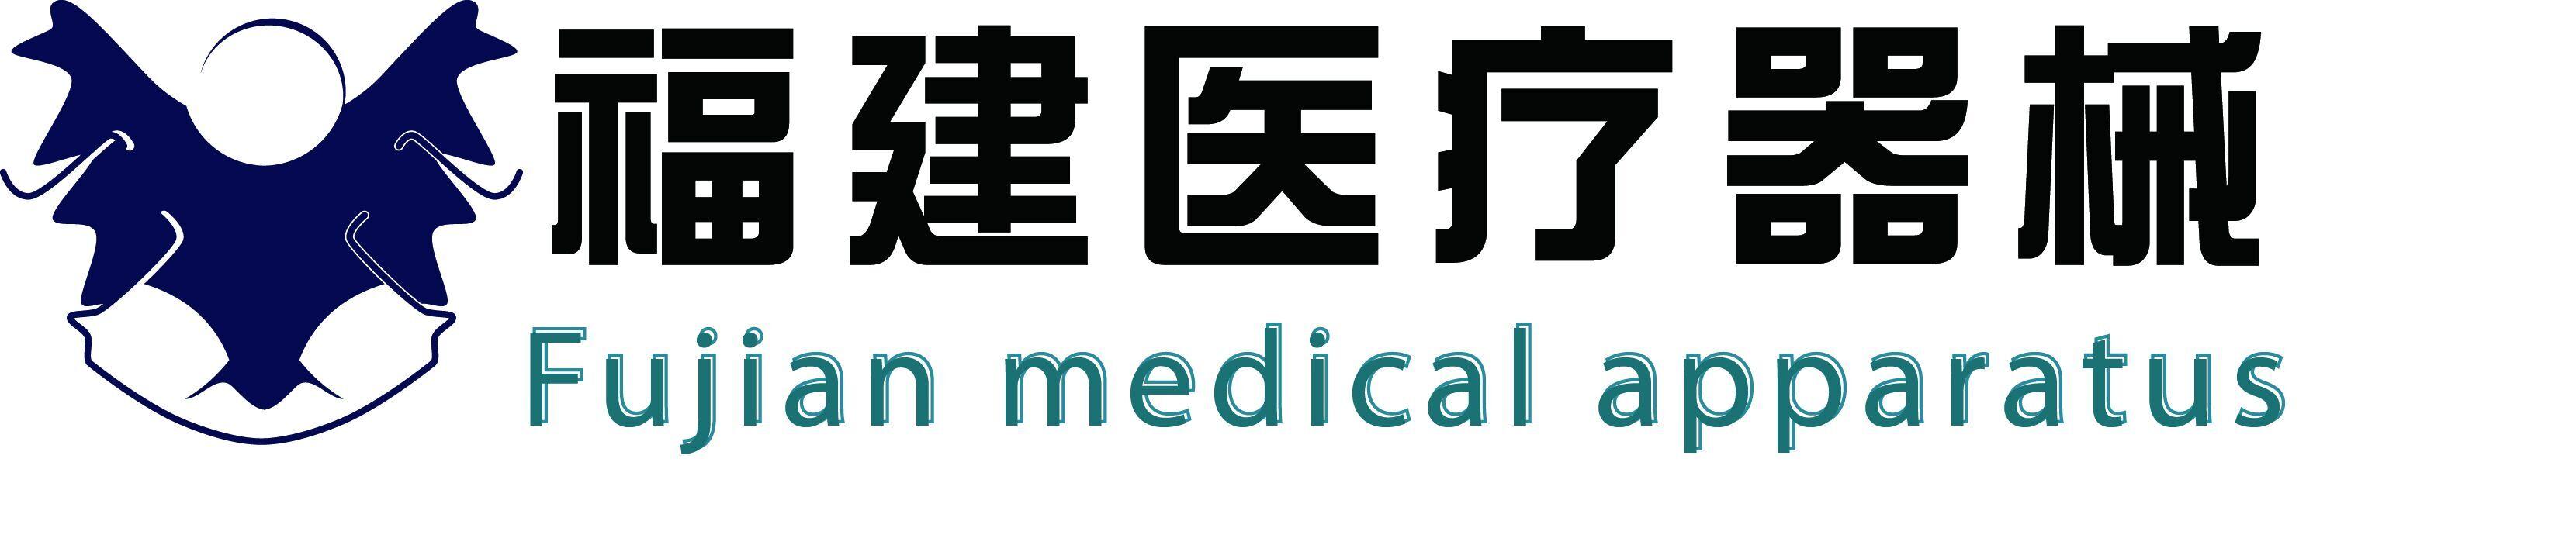 福建医疗器械网